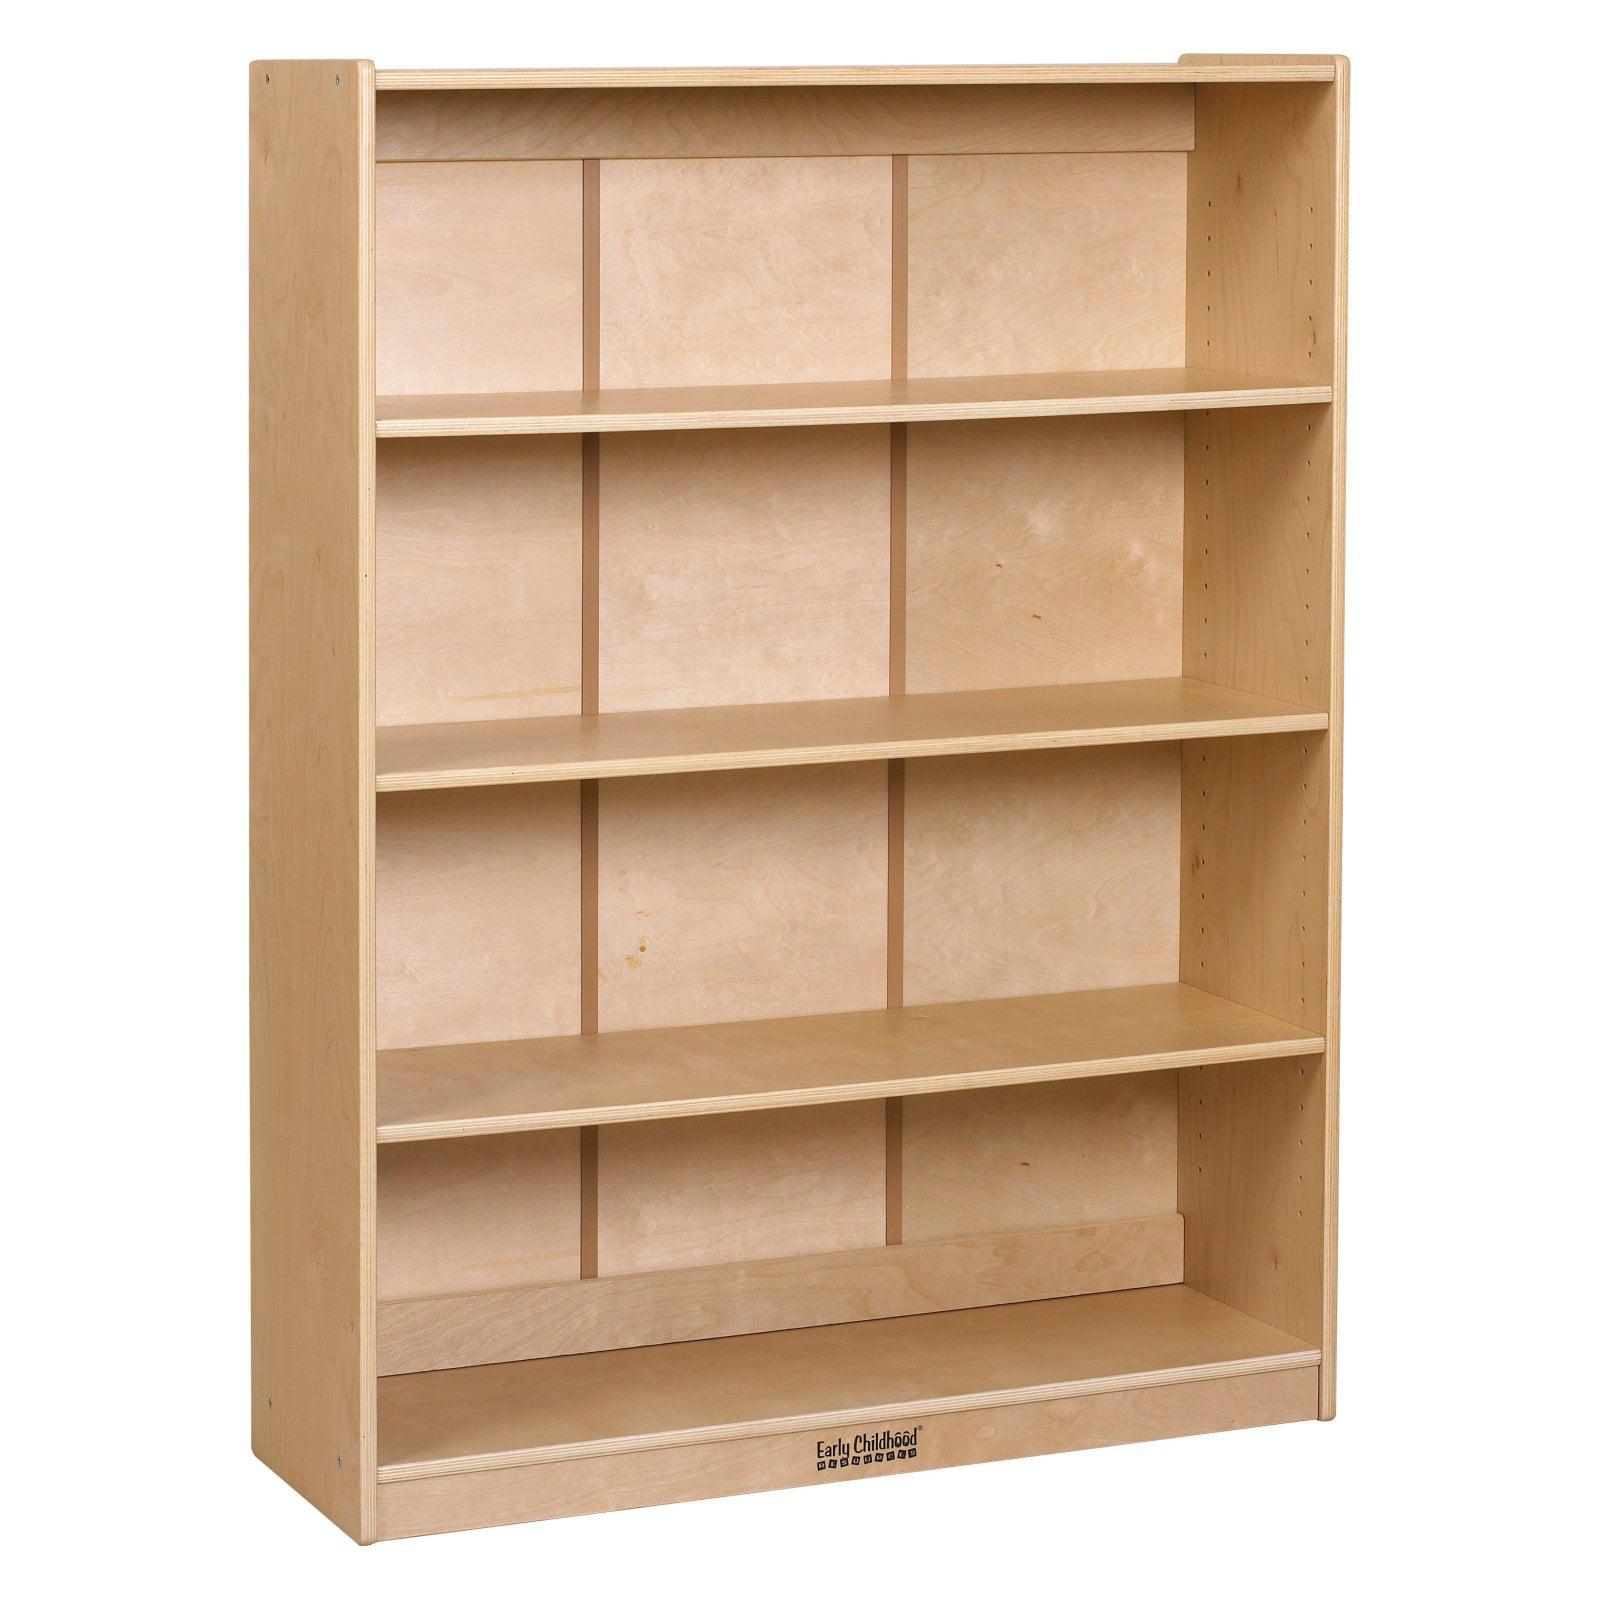 ECR4KIDS Classic Birch Bookcase